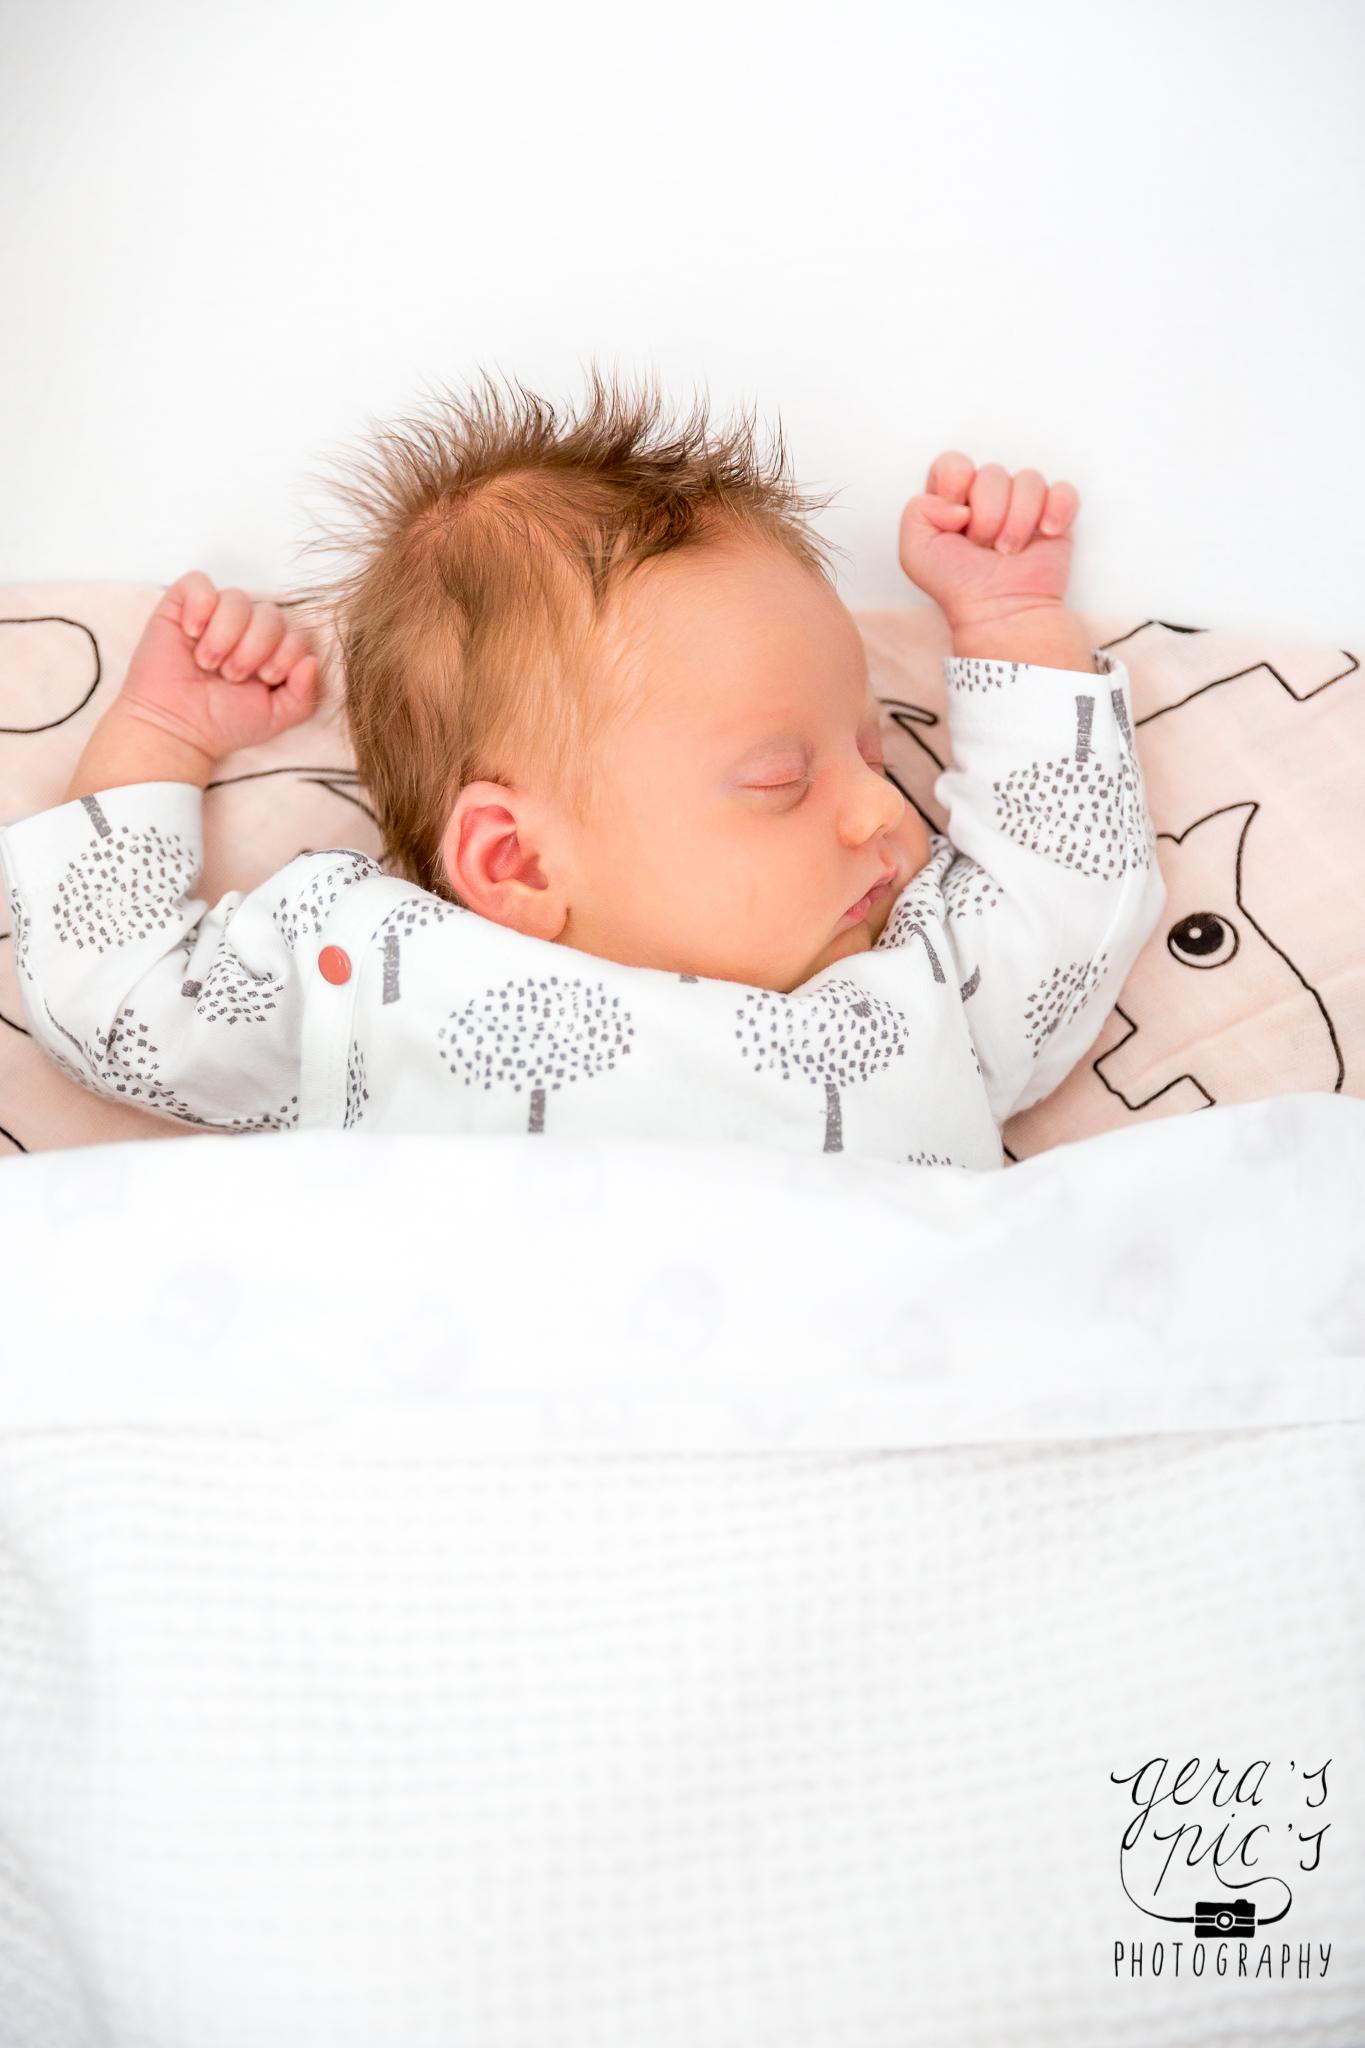 Newbornshoot Gera's Pic's Photography Br